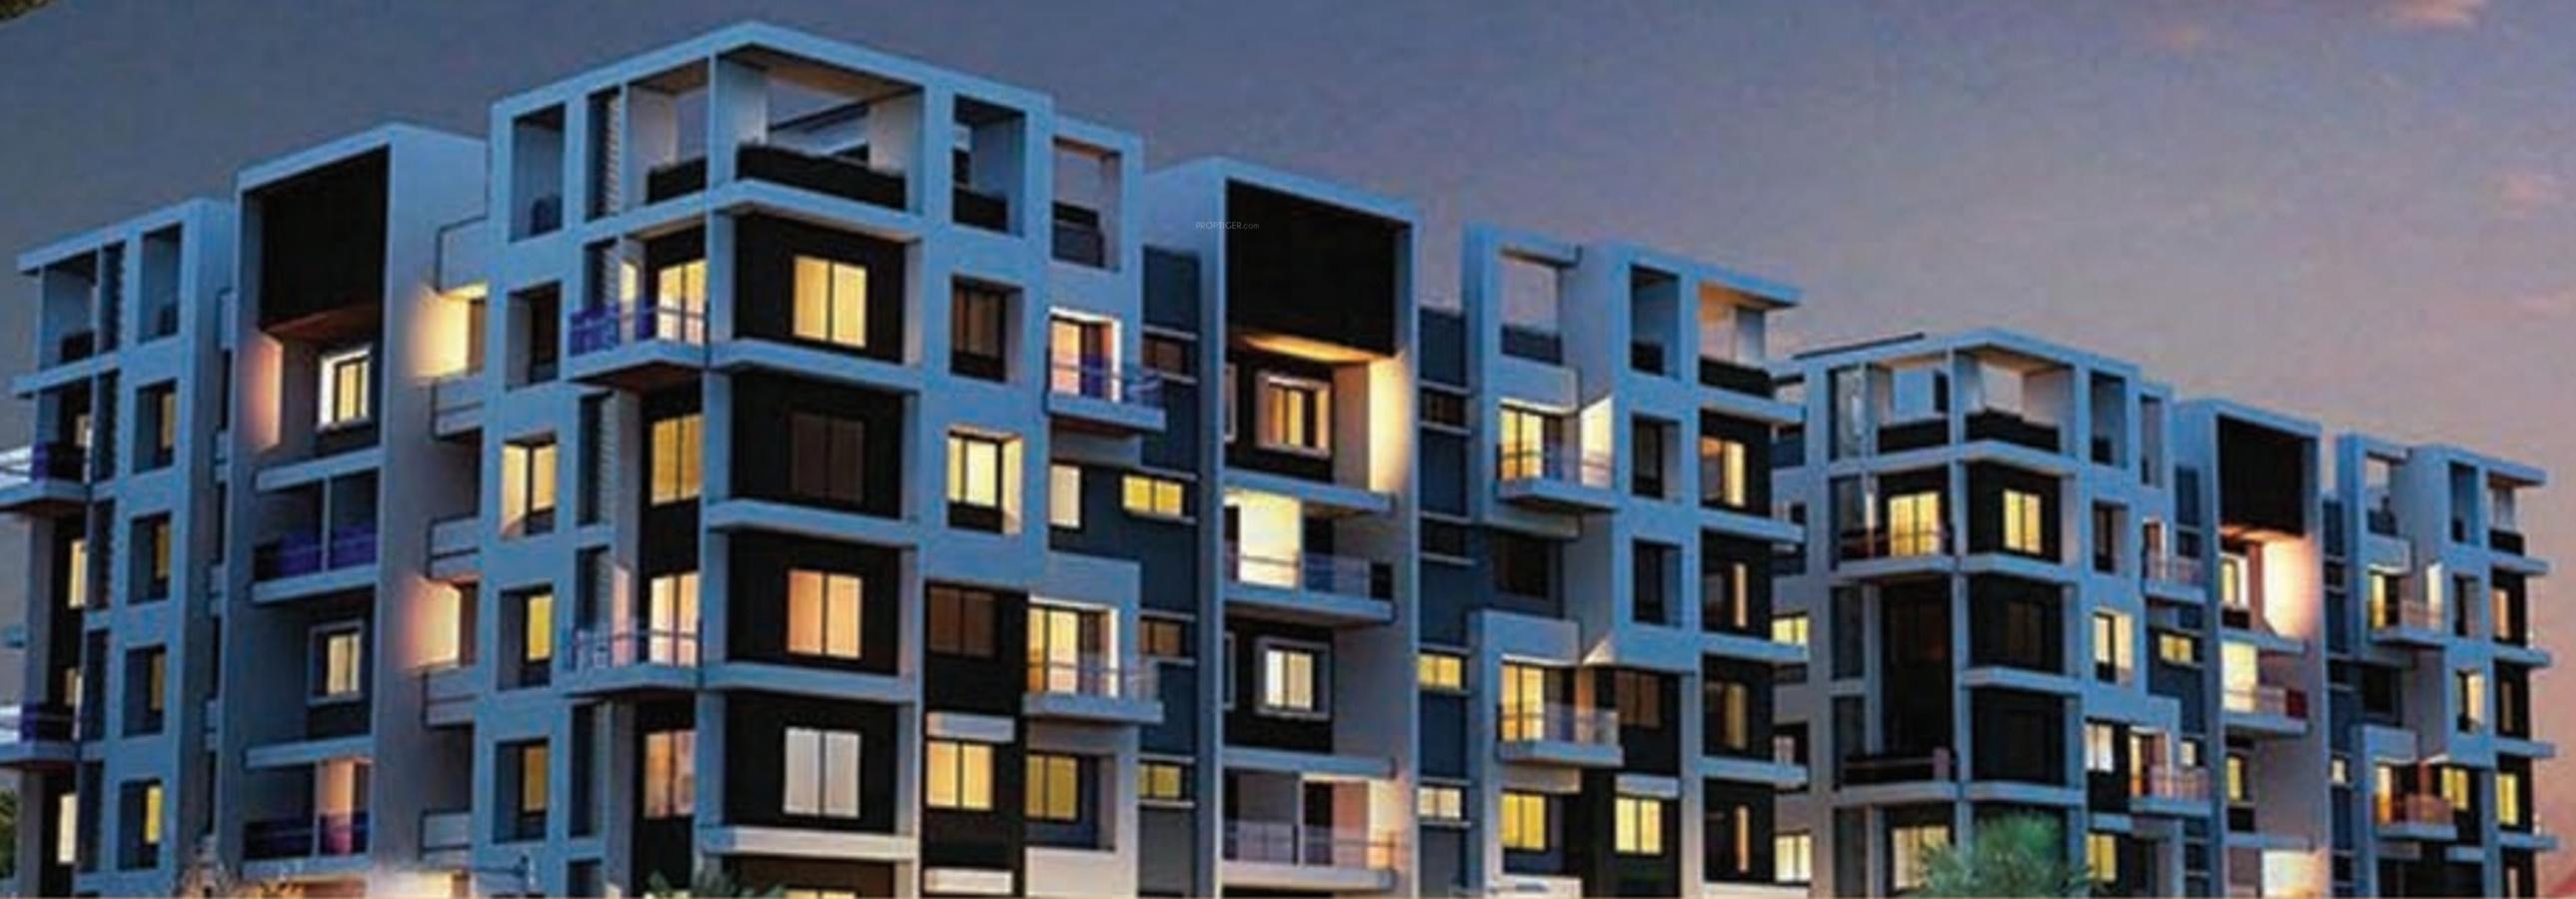 Integral Apartmentsneighbourhood